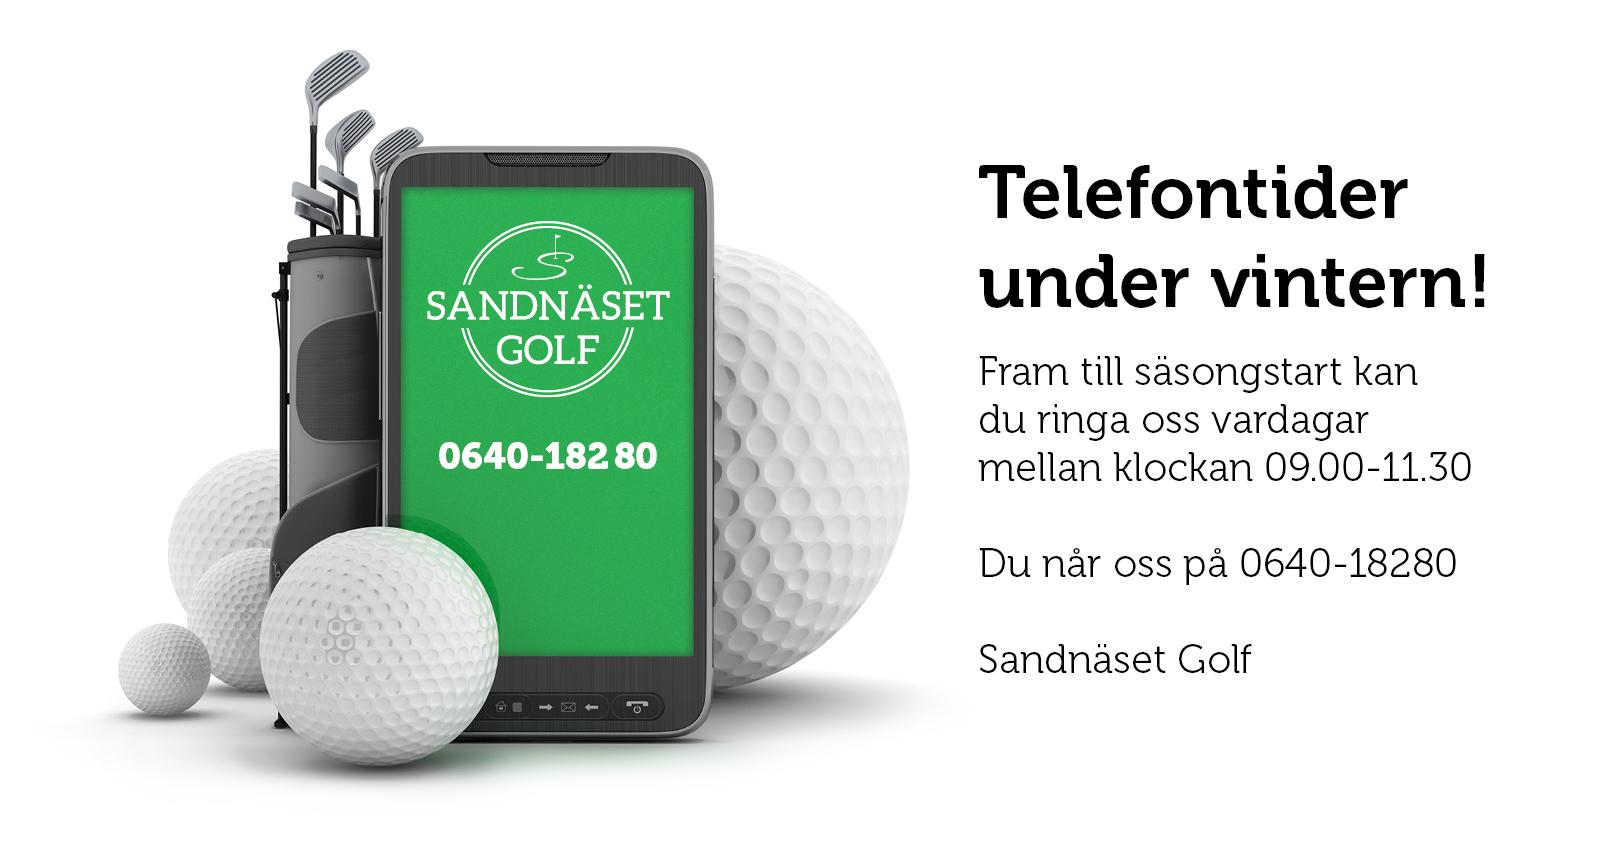 Du kan ringa oss mellan 09.00-11.30 i vinter